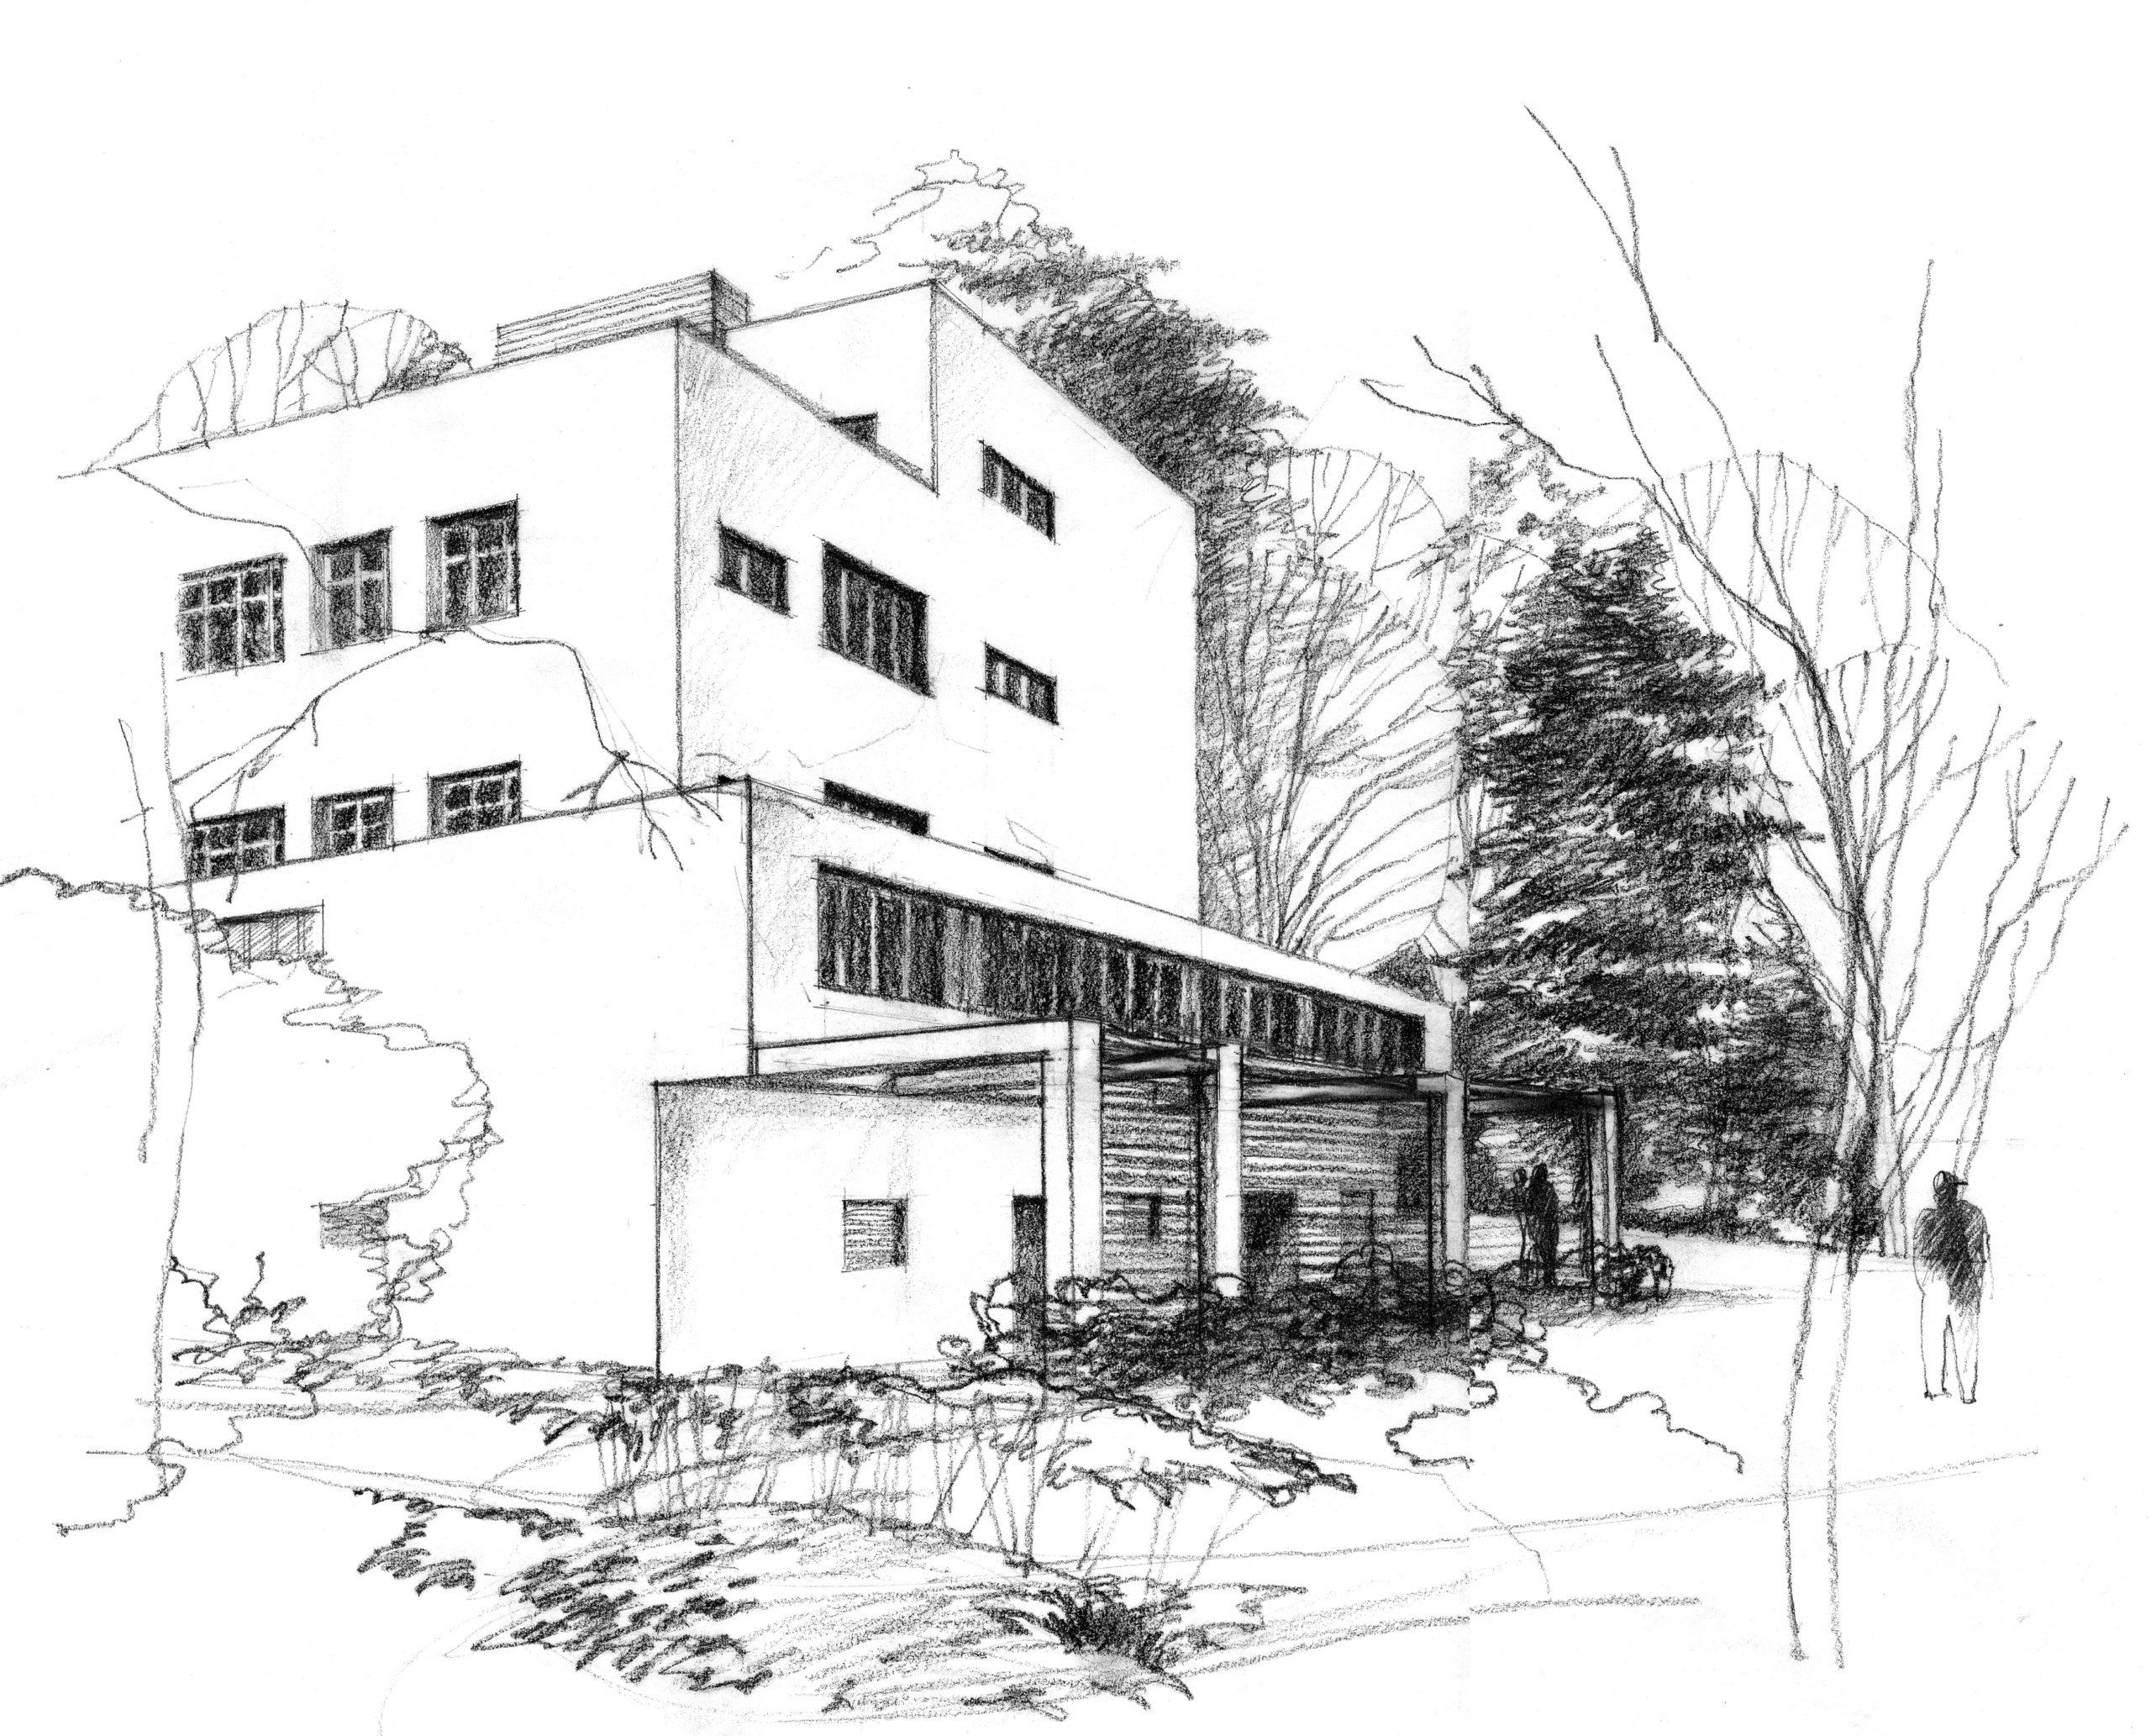 Skica ambulantního příjmu, Pírkovo sanatorium, Mladá Boleslav